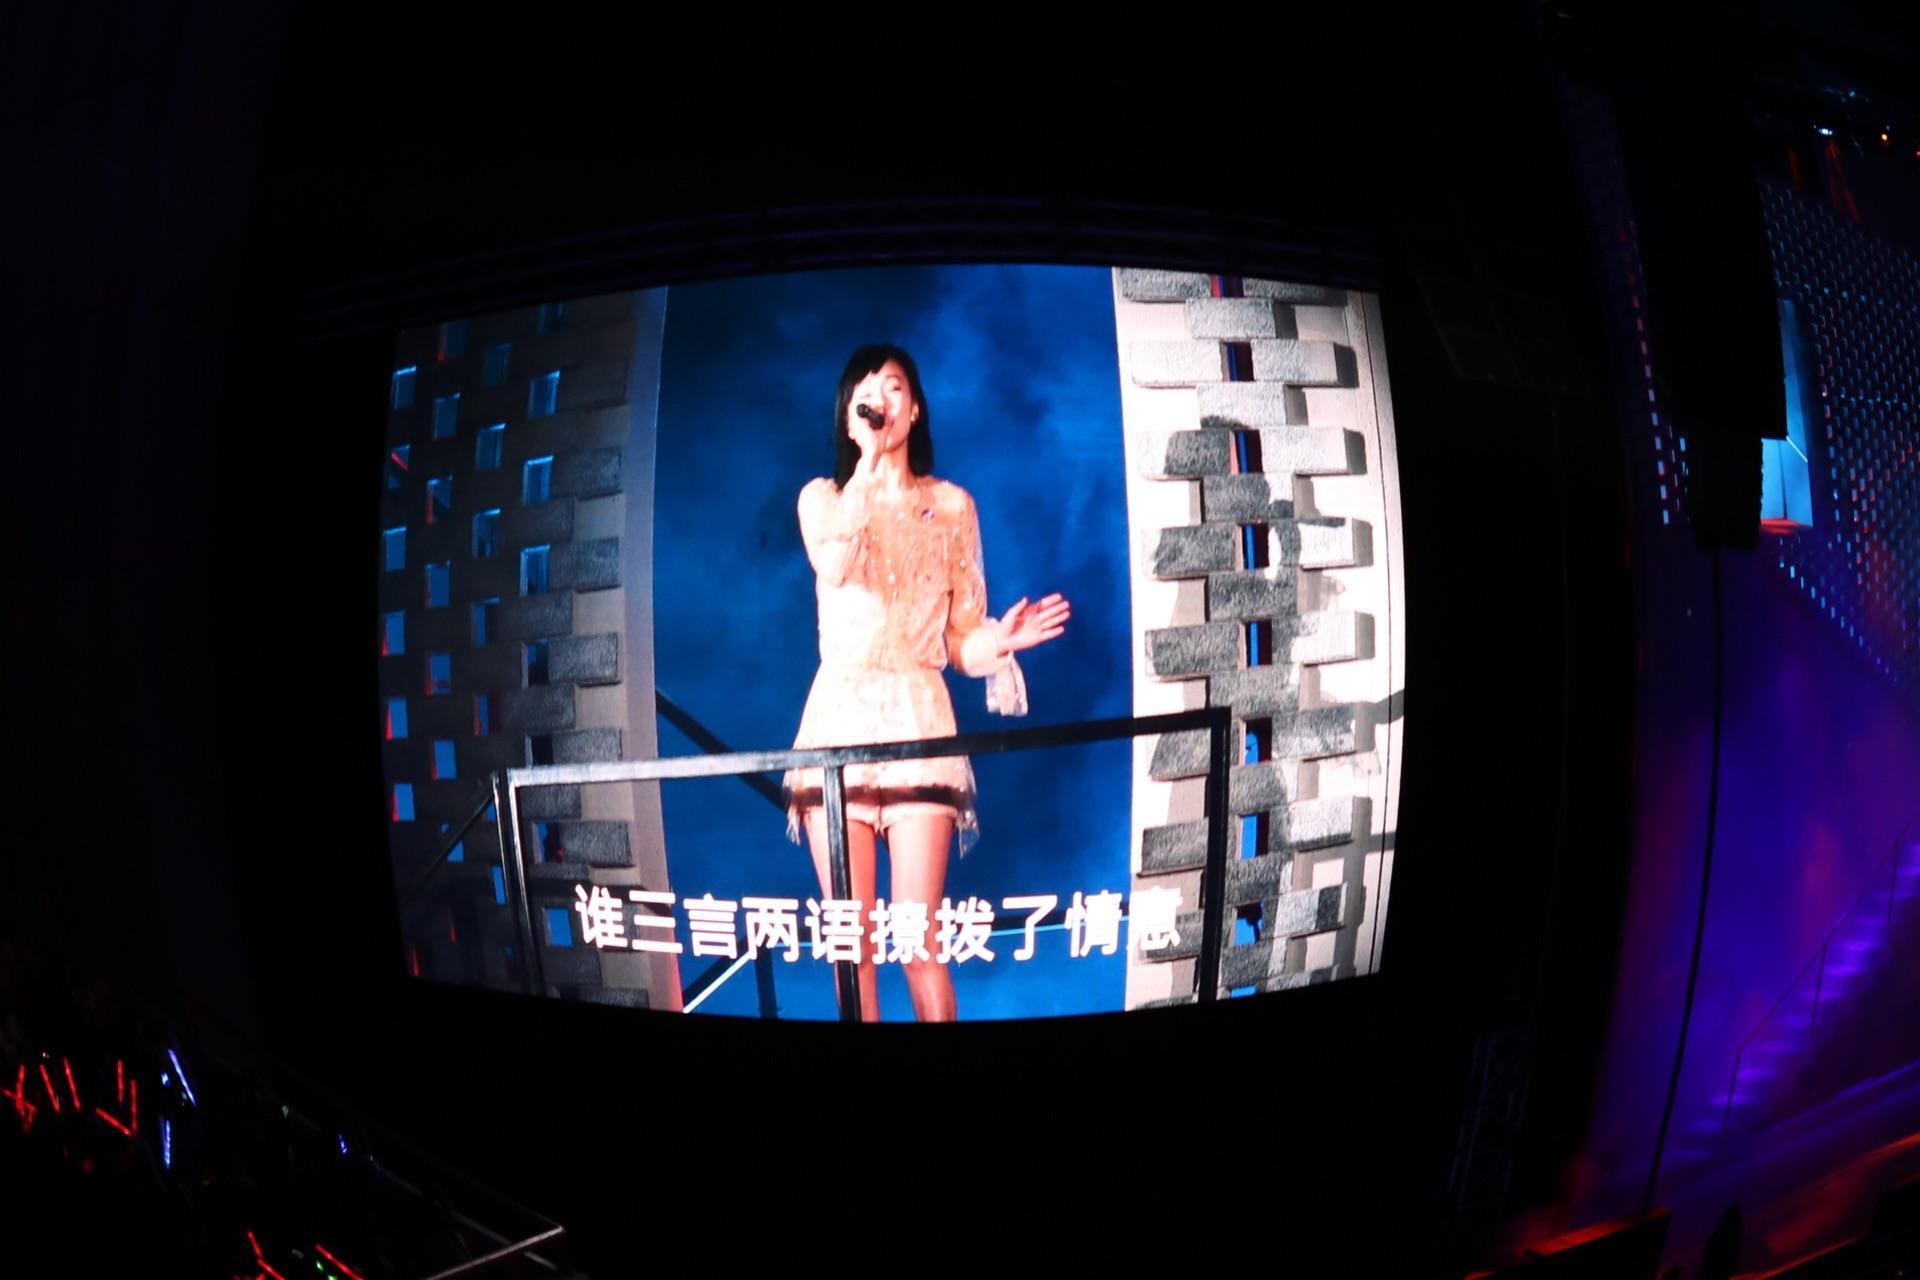 嗨歌 黄龄_如何评价许嵩上海演唱会? - 知乎